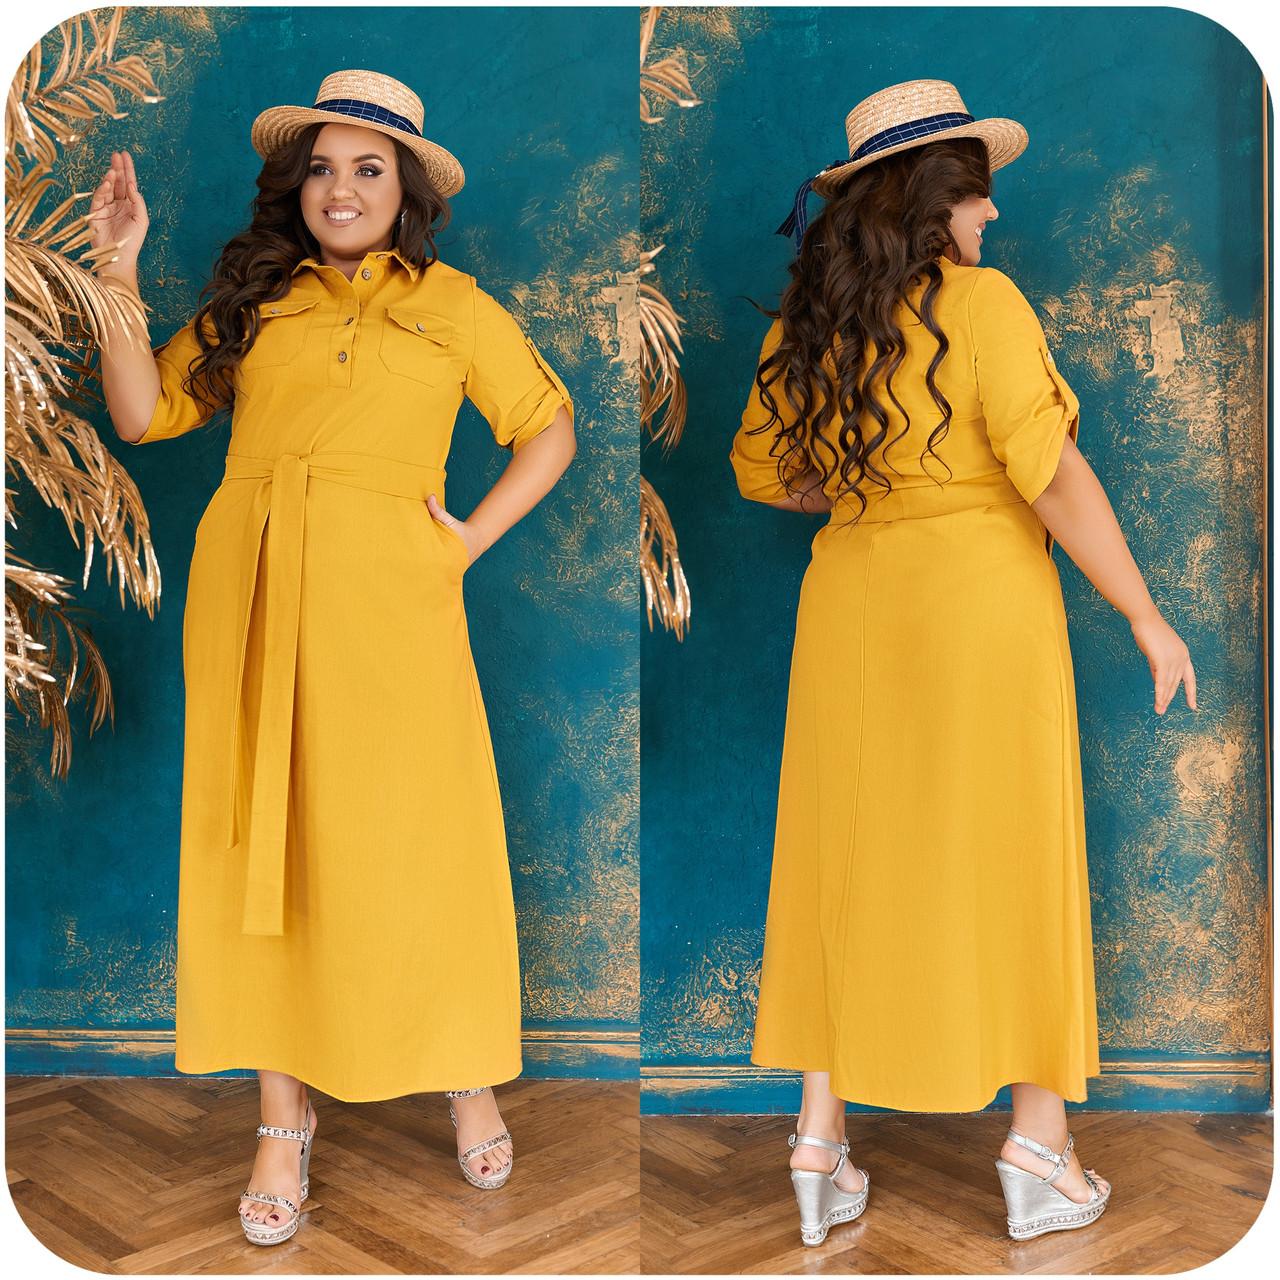 Длинное платье-рубашка из натурального льна с пряском, батал и супер батал большие размеры